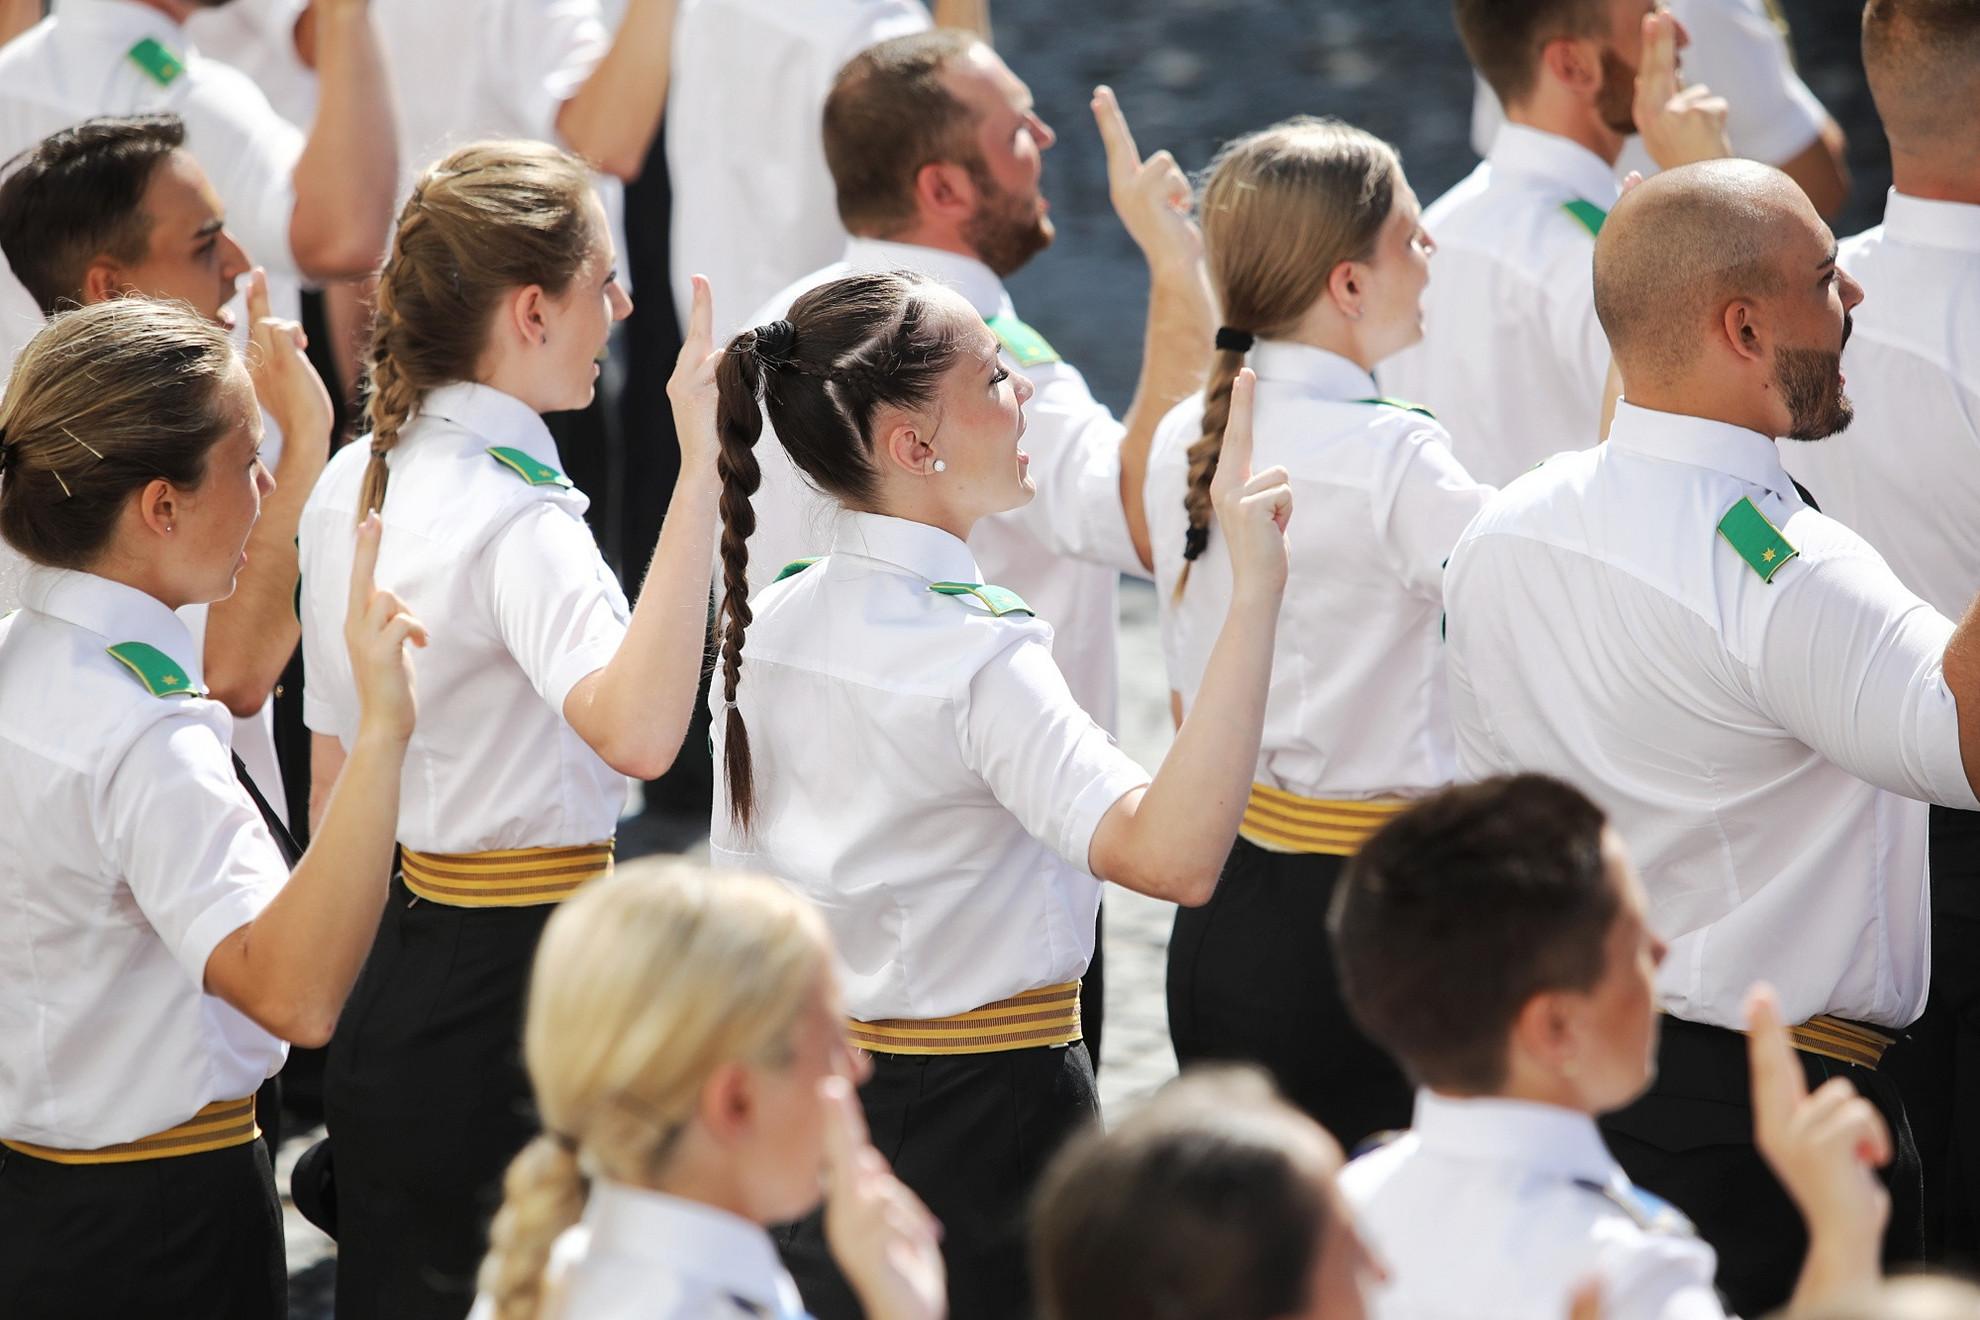 A Nemzeti Közszolgálati Egyetem rendészettudományi karának 109 hallgatója tette le a tiszti esküt ünnepélyes keretek között (kattintással lapozhatók a galéria fotói)